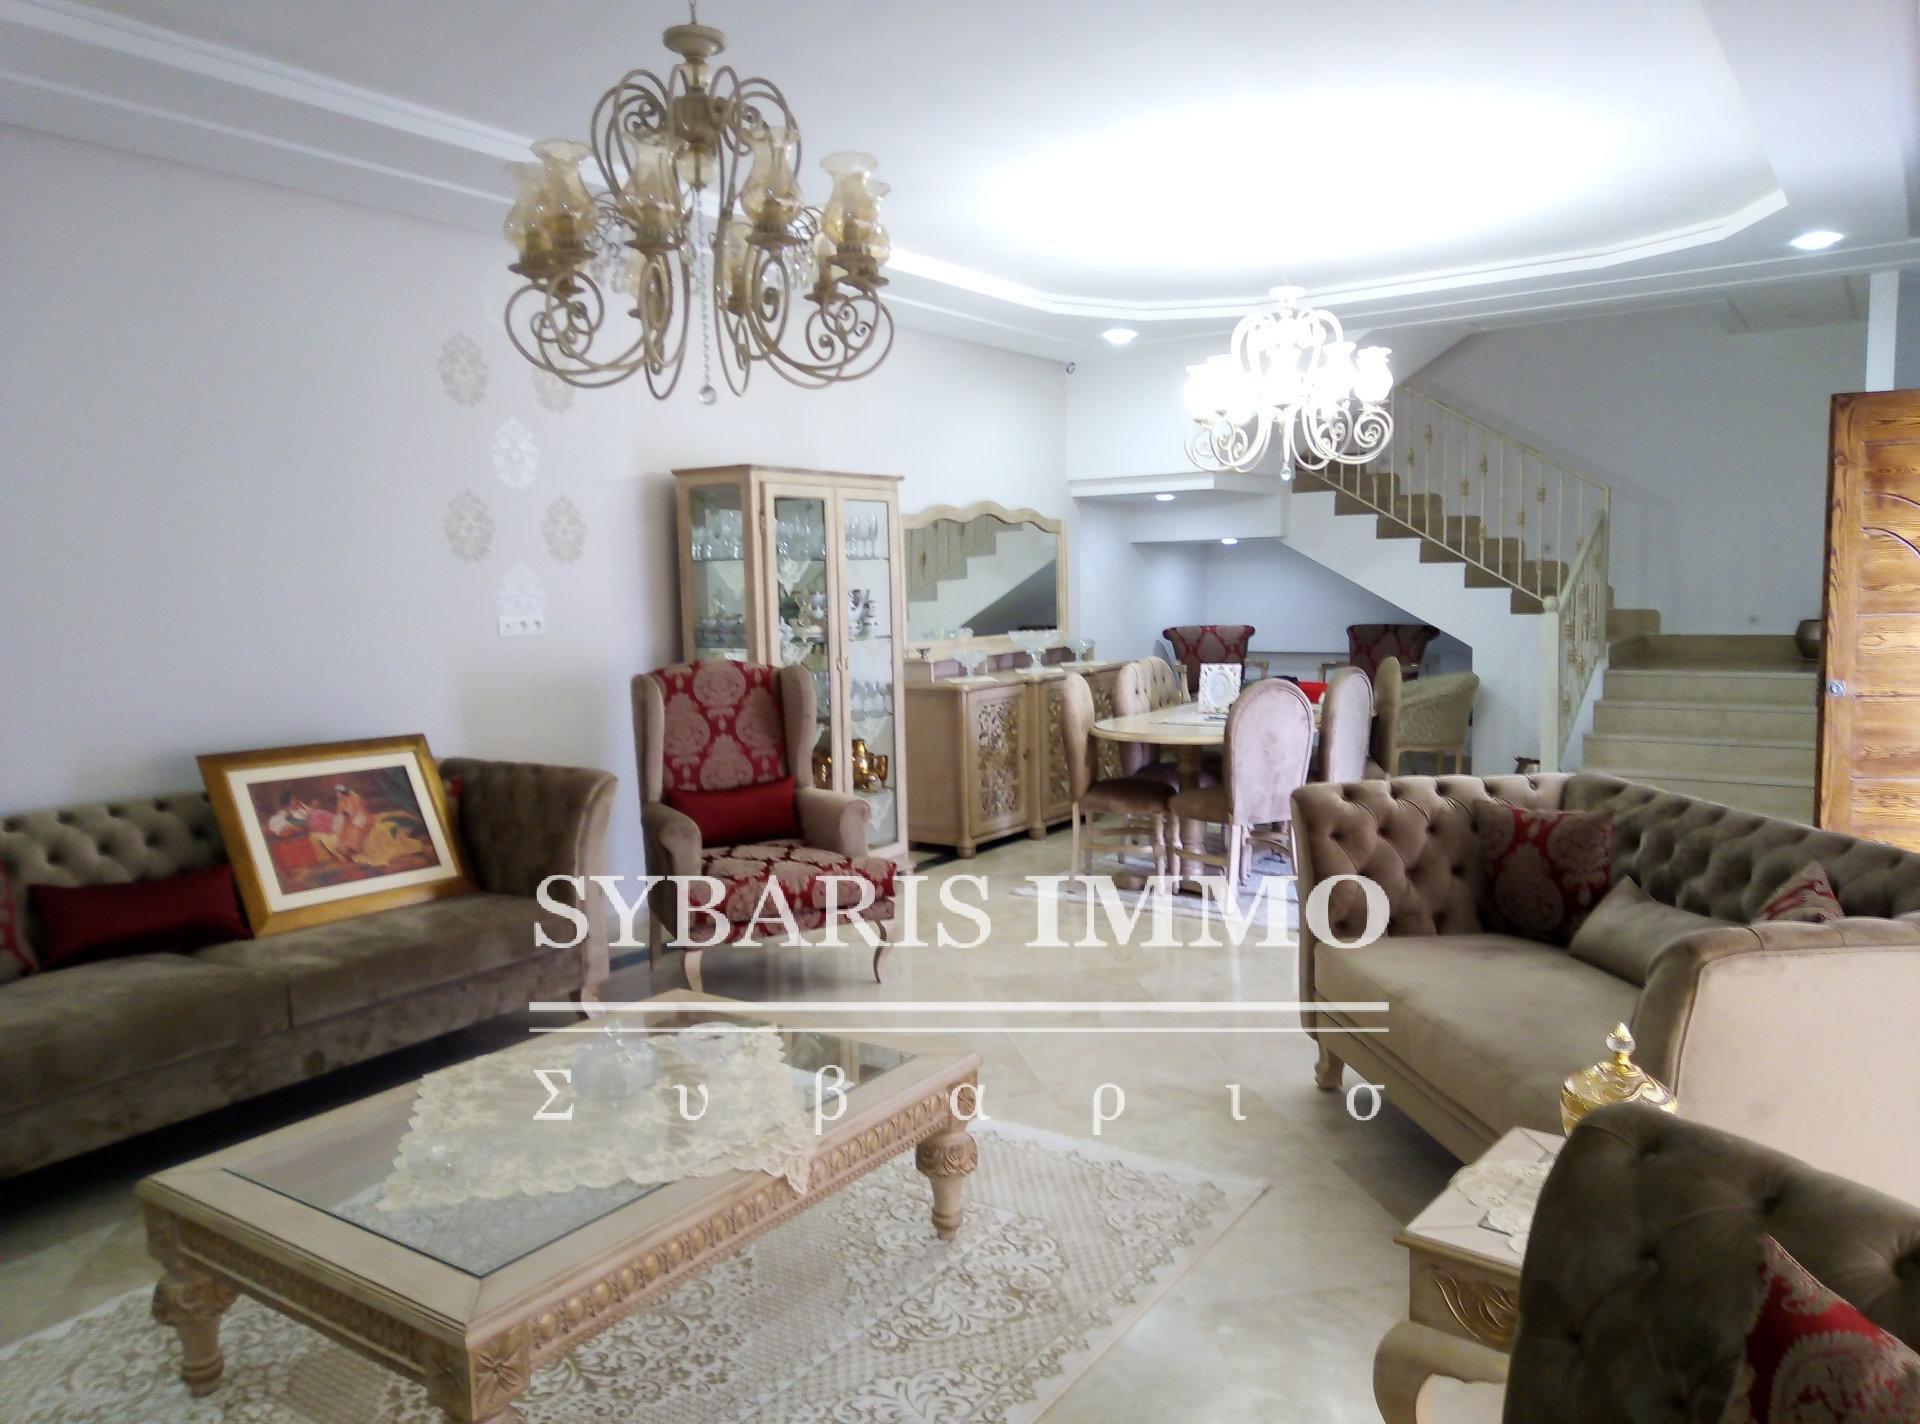 vente villa s+4 a gammarth forêt - Tunis